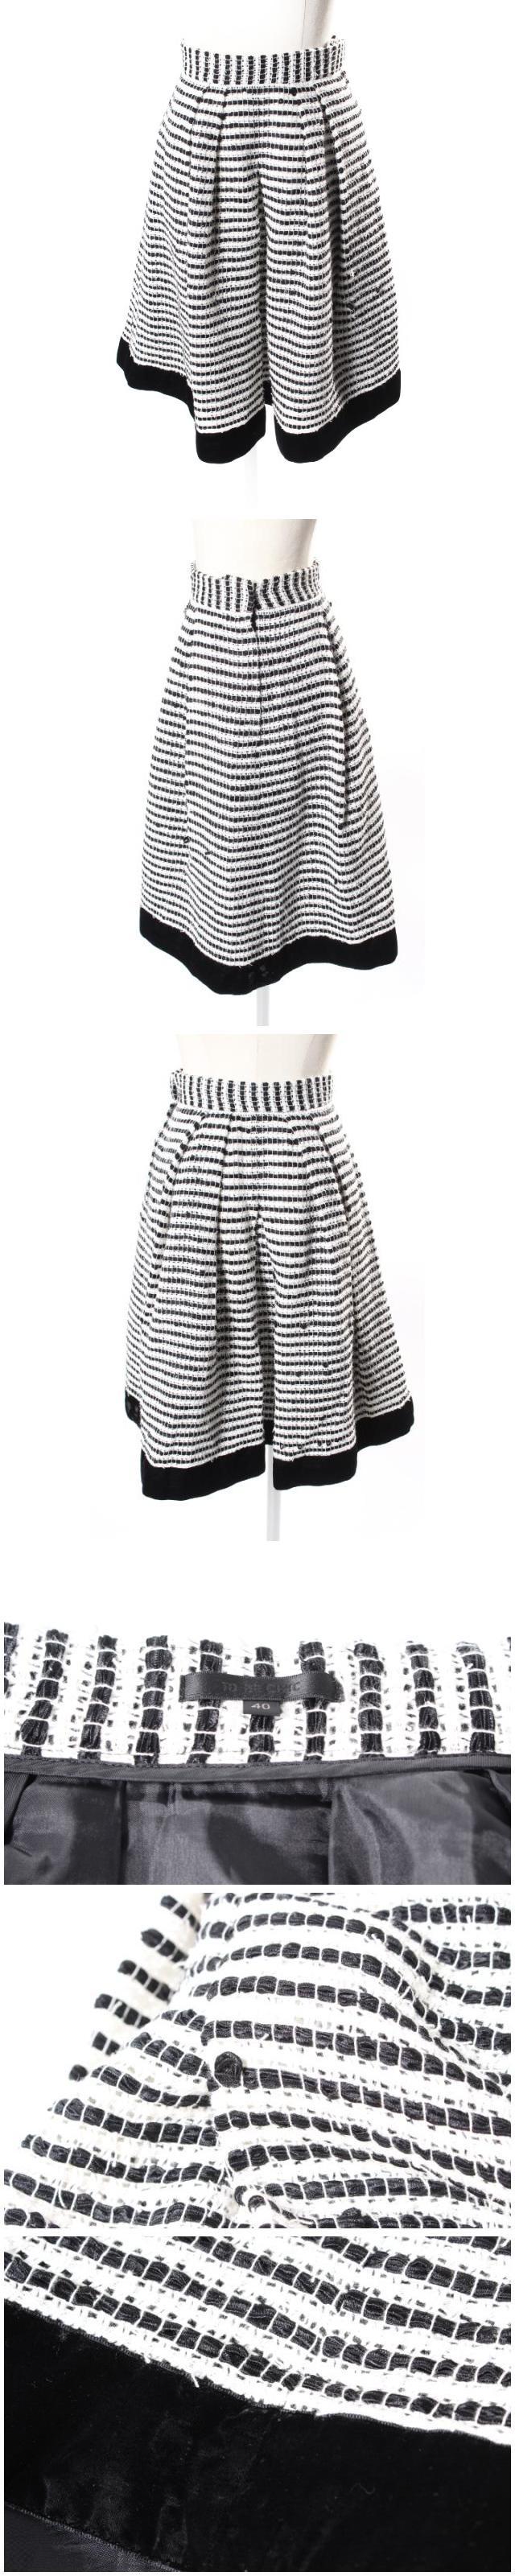 スカート フレア ひざ丈 タック カールヤーン 40 黒 ブラック 白 ホワイト /au0517